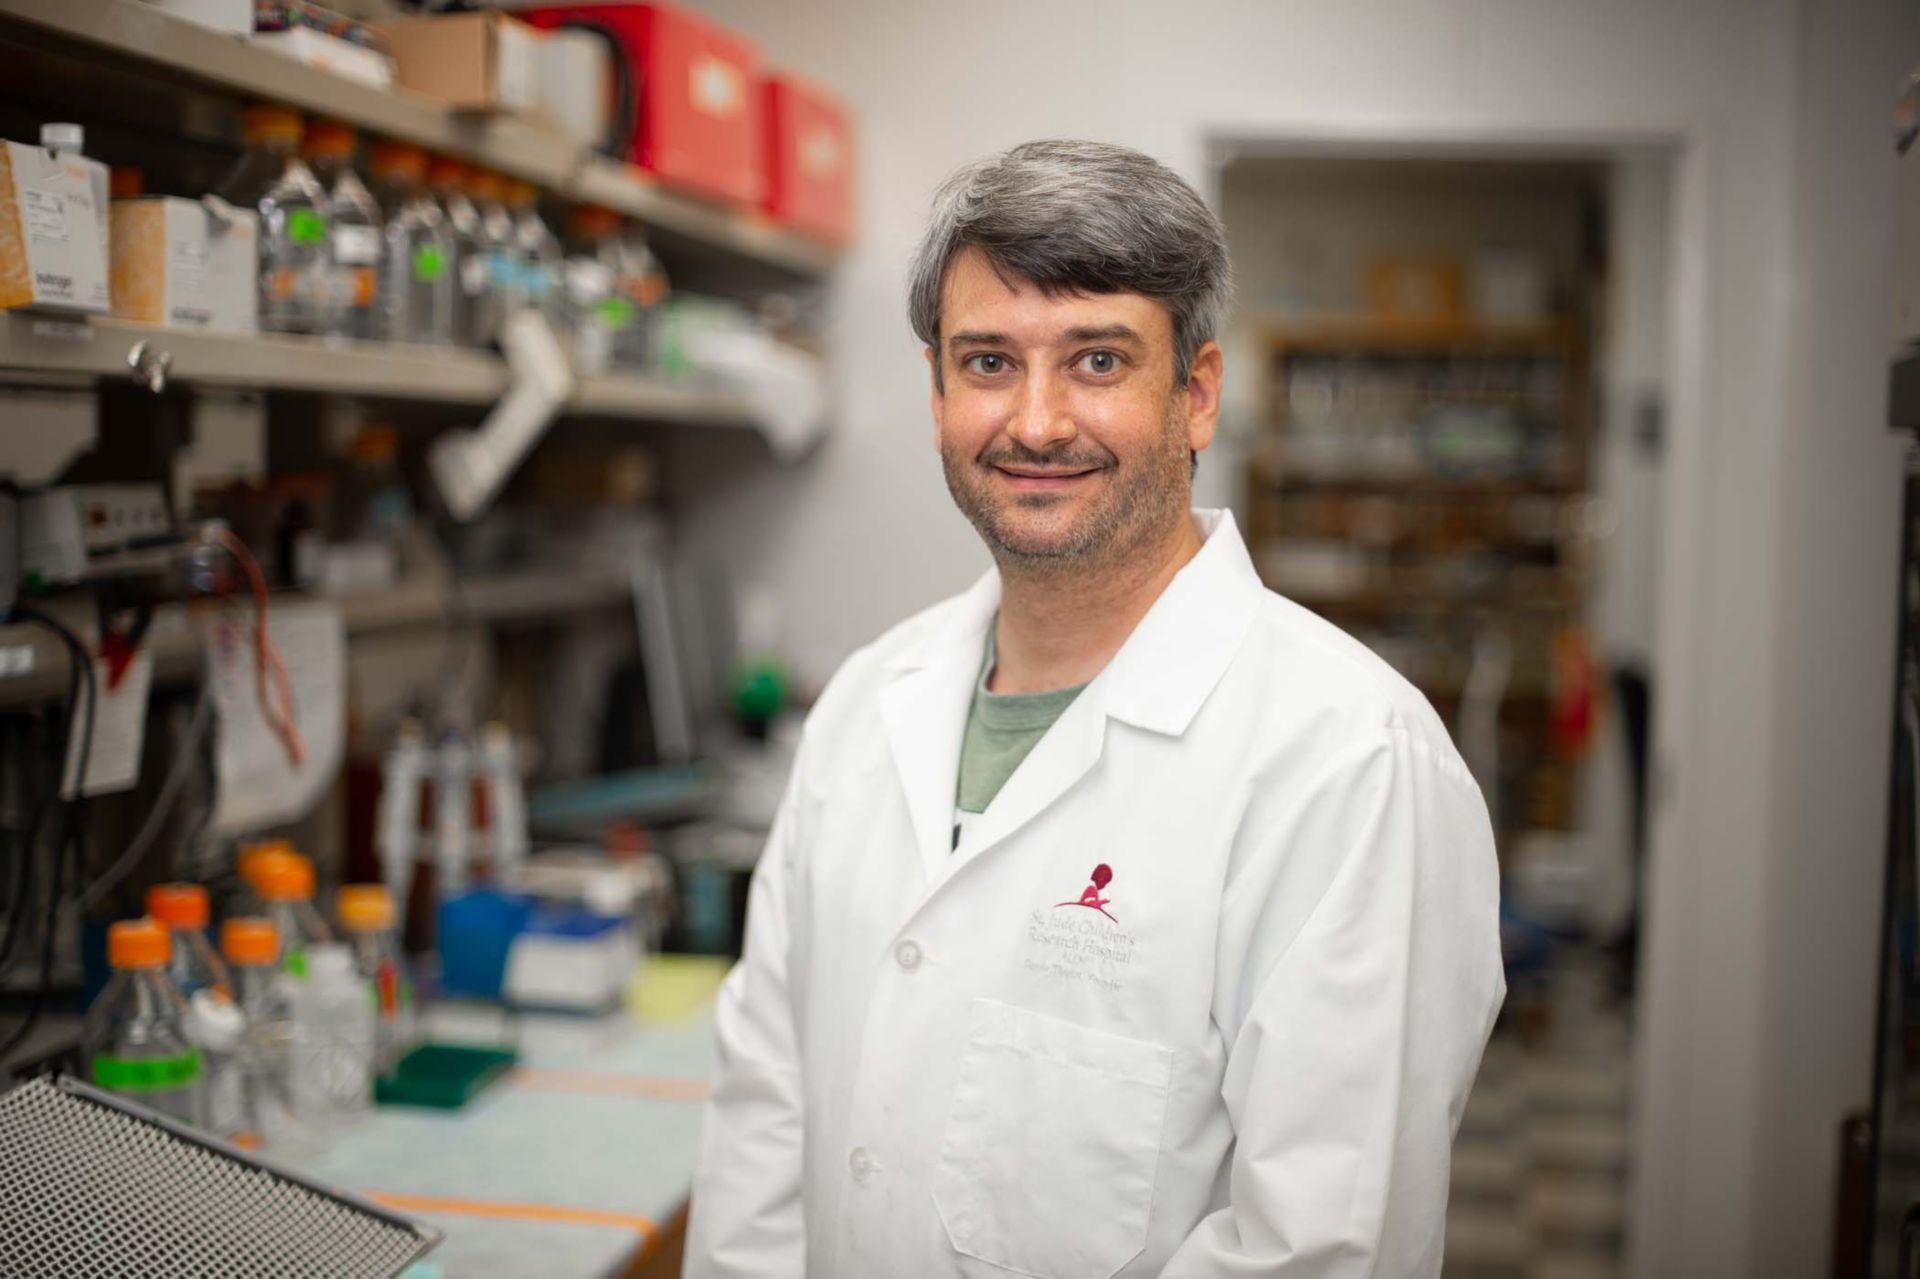 Brian Freibaum, PhD